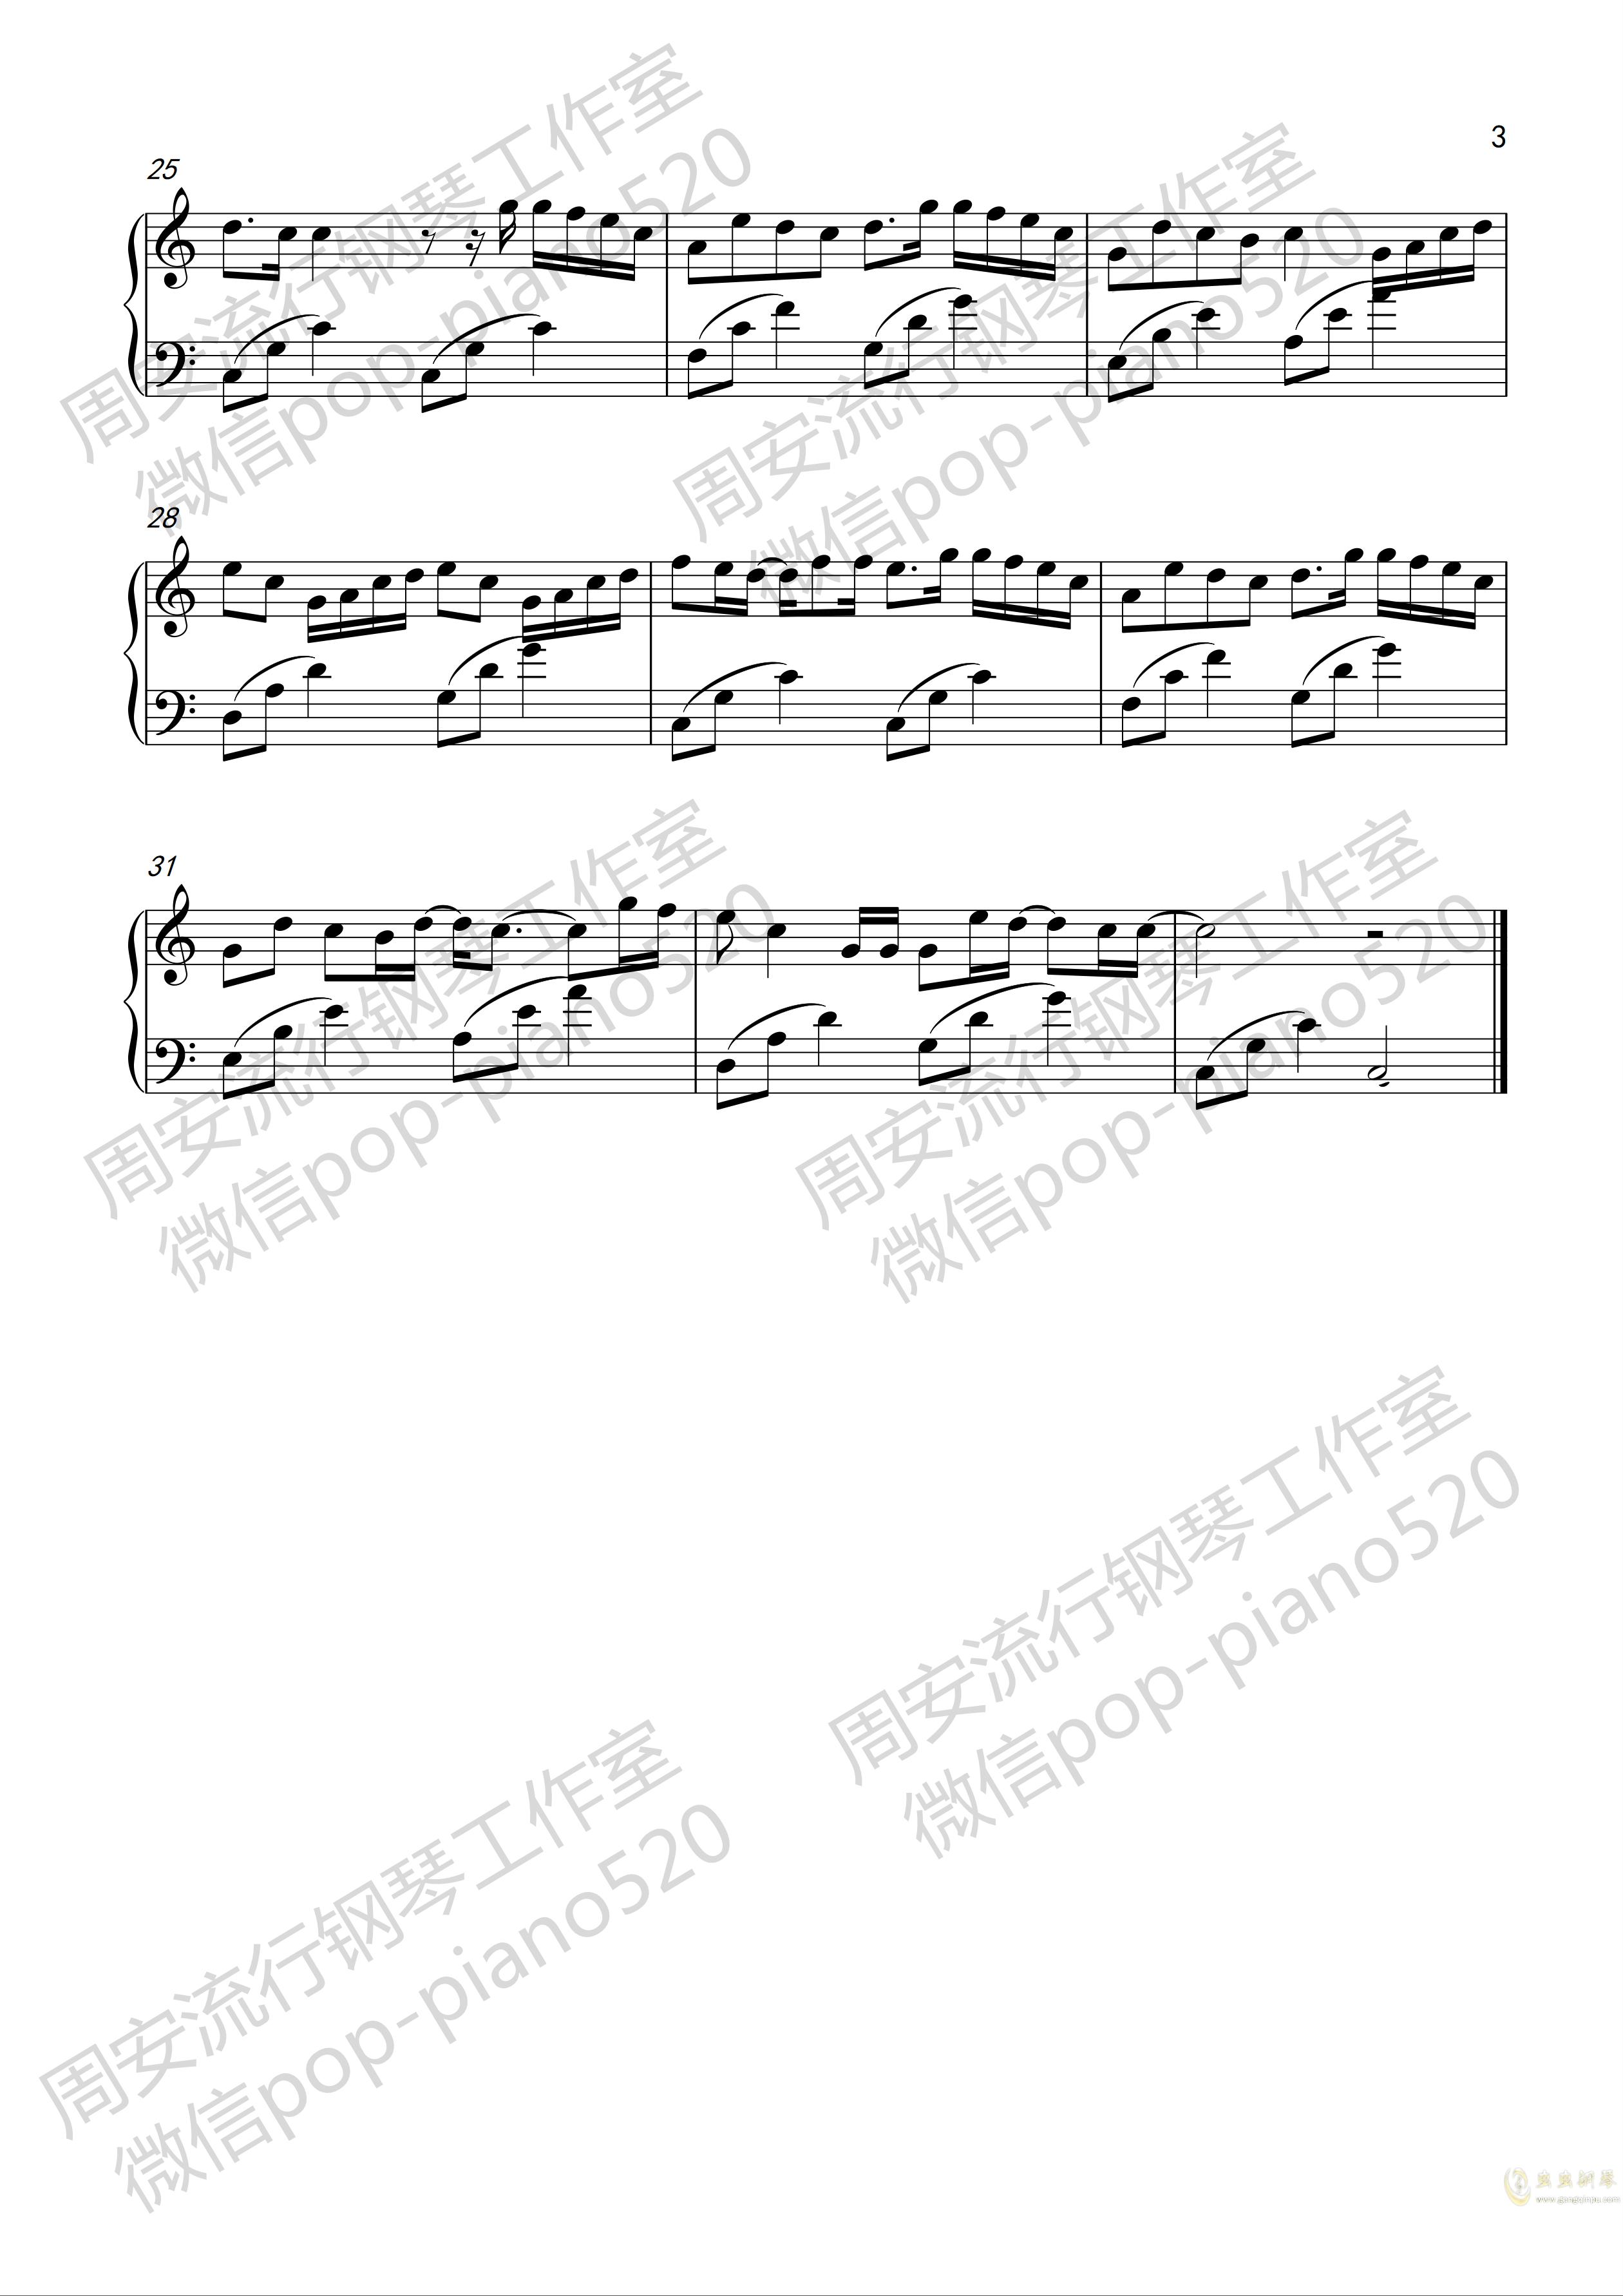 浪人琵琶钢琴谱 第3页